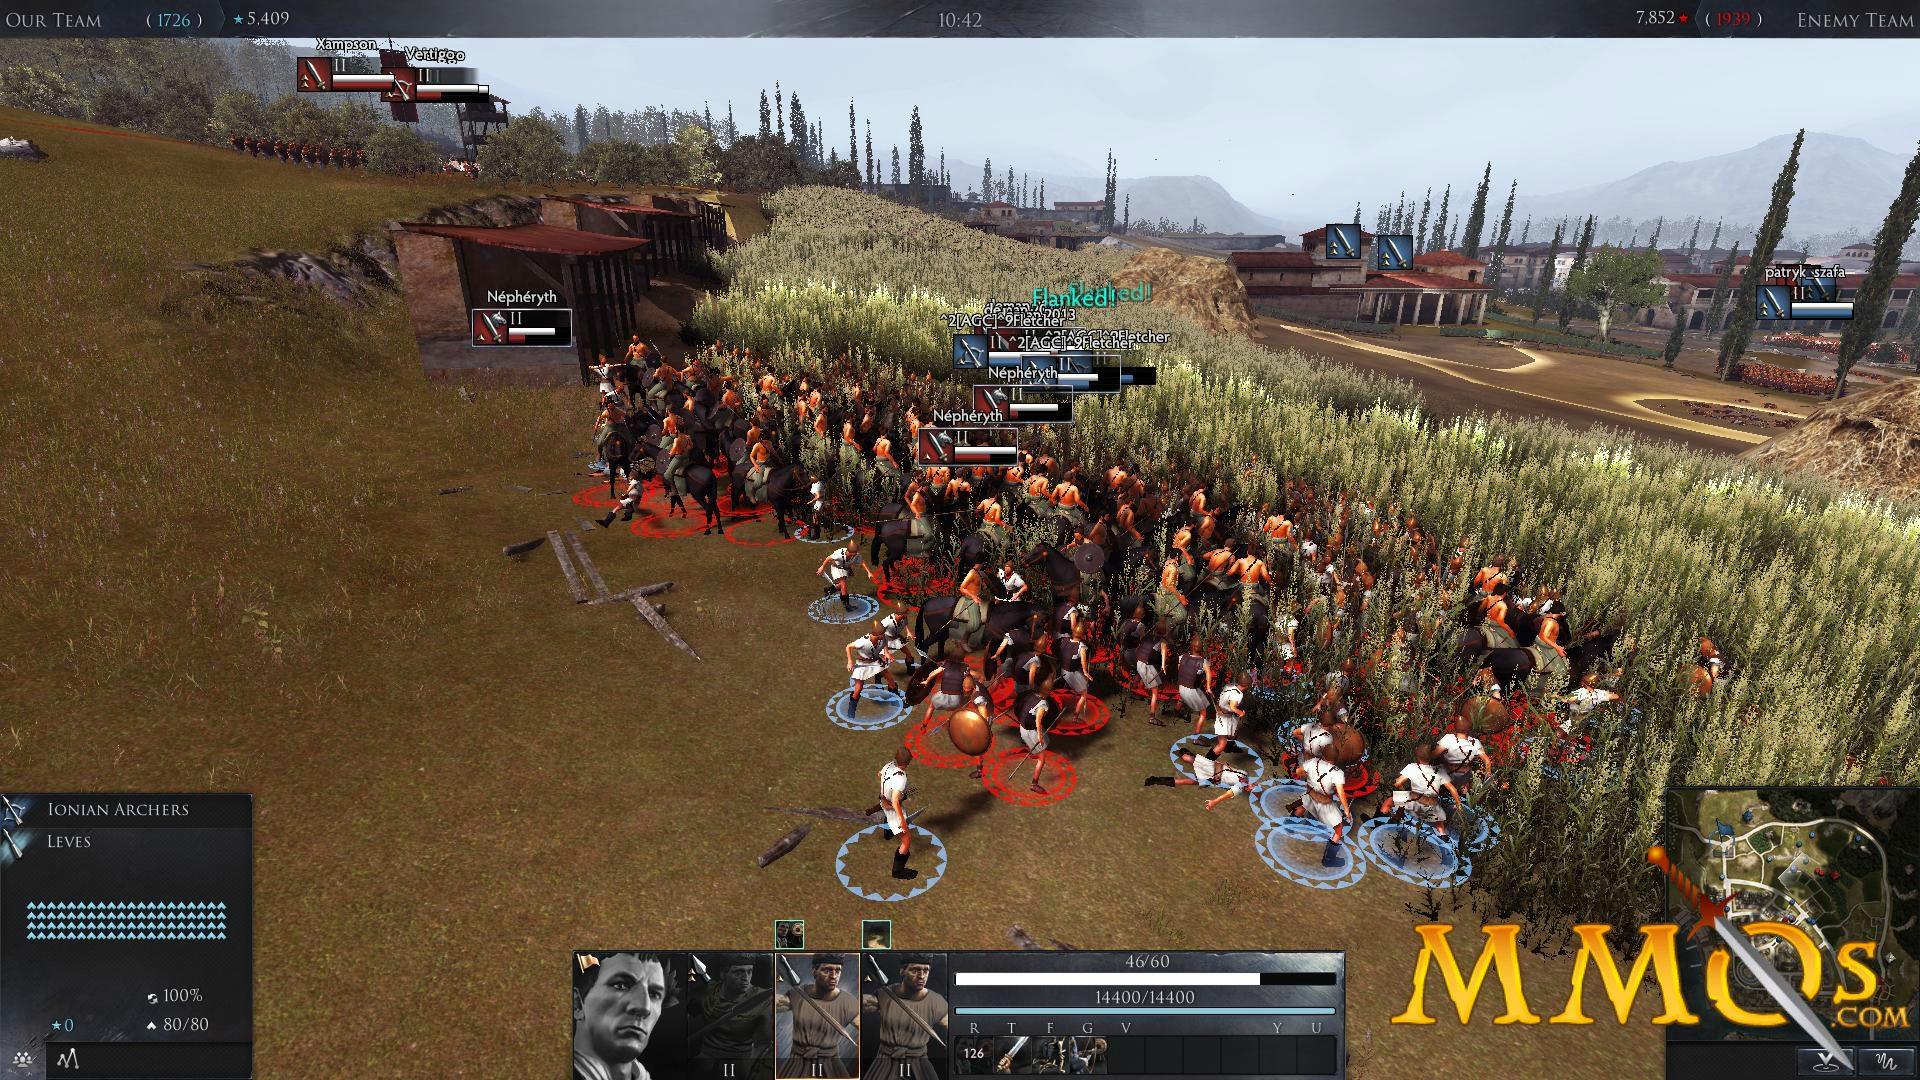 stellaris waiting for matchmaking server